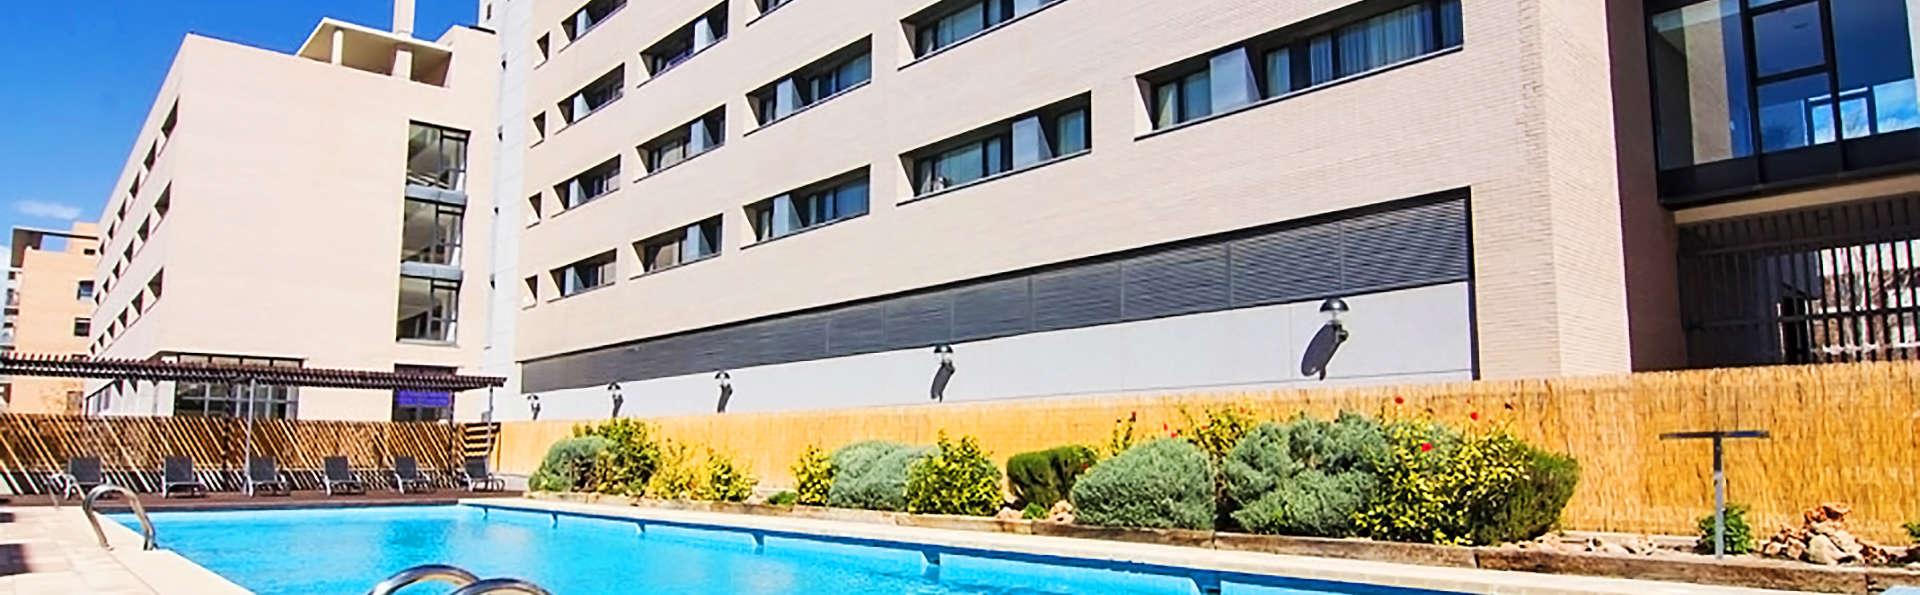 Villa Alojamiento y Congresos - EDIT_18_PISCINA.jpg